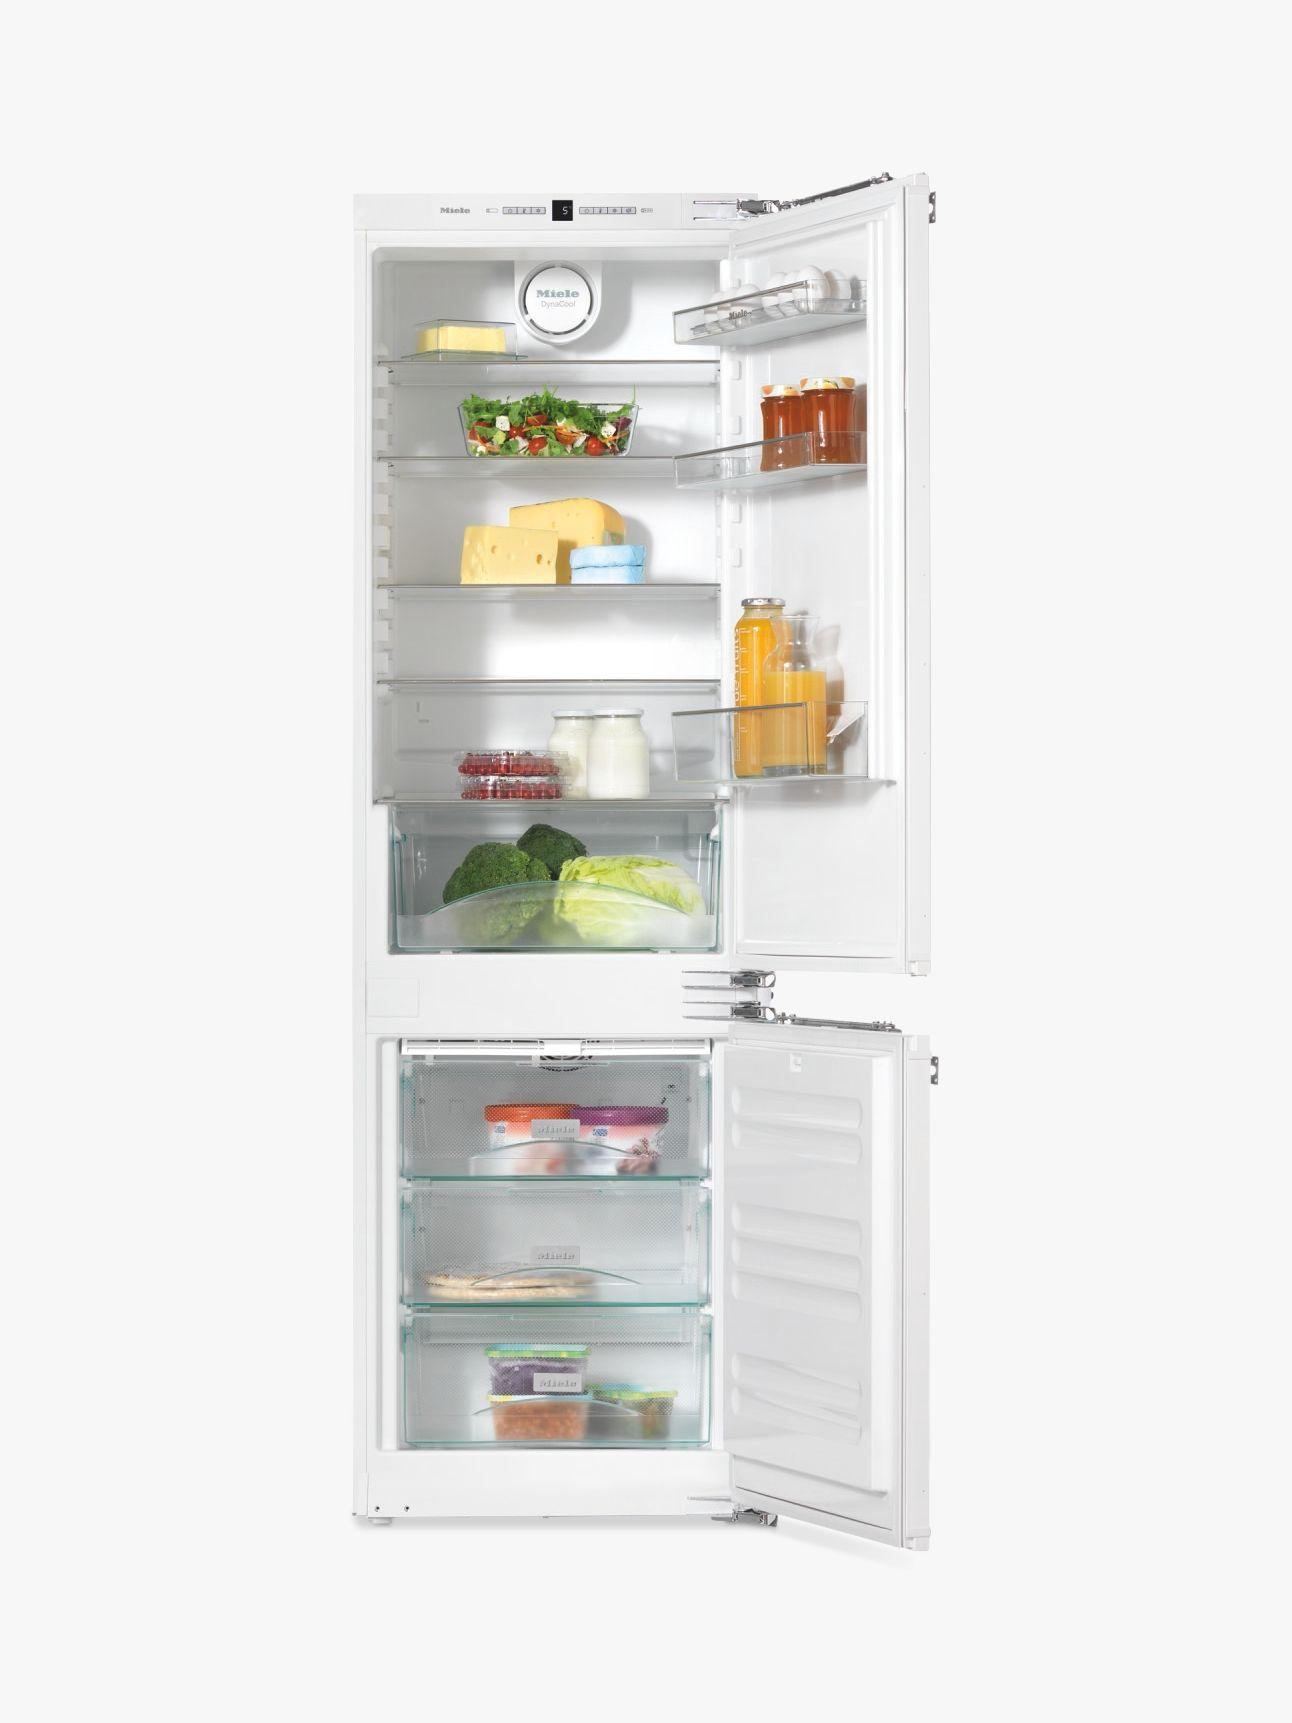 Miele Miele KFN37232iD Fridge Freezer, A++ Energy Rating, 54cm Wide, White